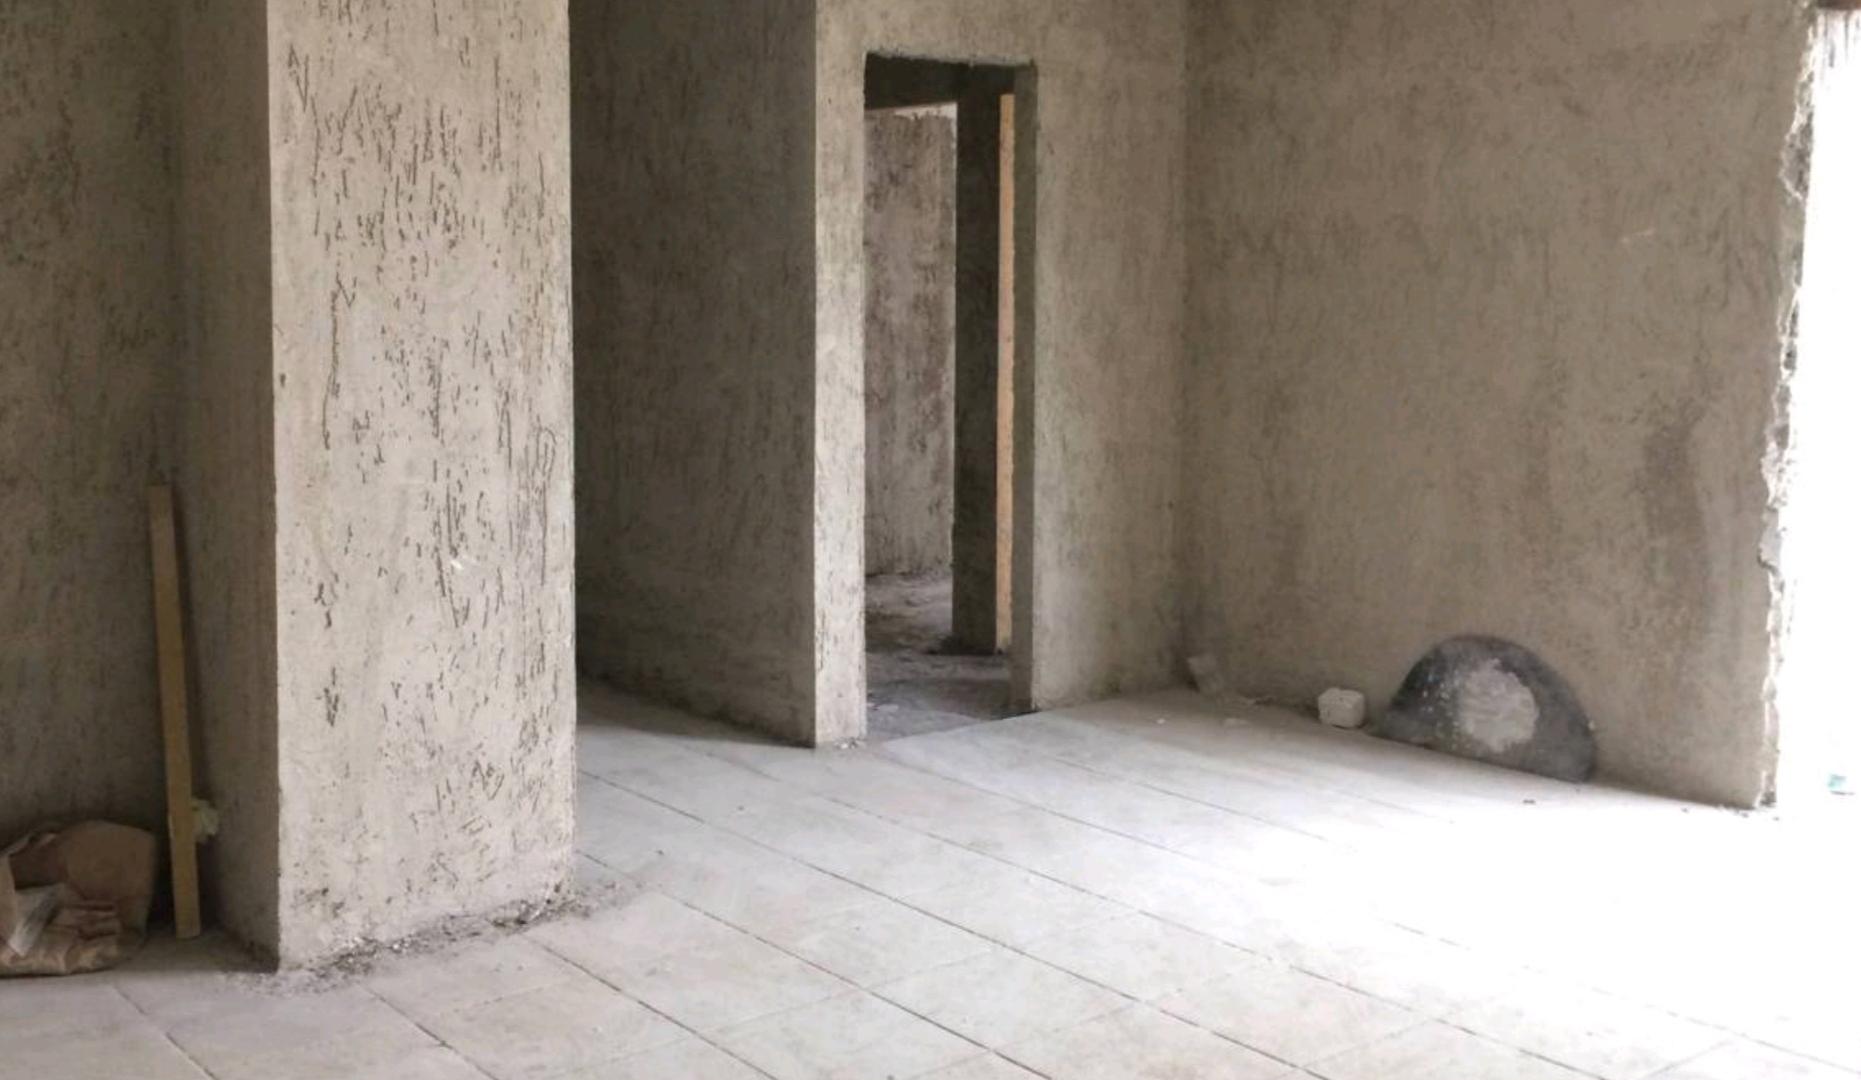 Appartamento in vendita a Giugliano in Campania, 3 locali, zona aturo, prezzo € 73.000 | PortaleAgenzieImmobiliari.it